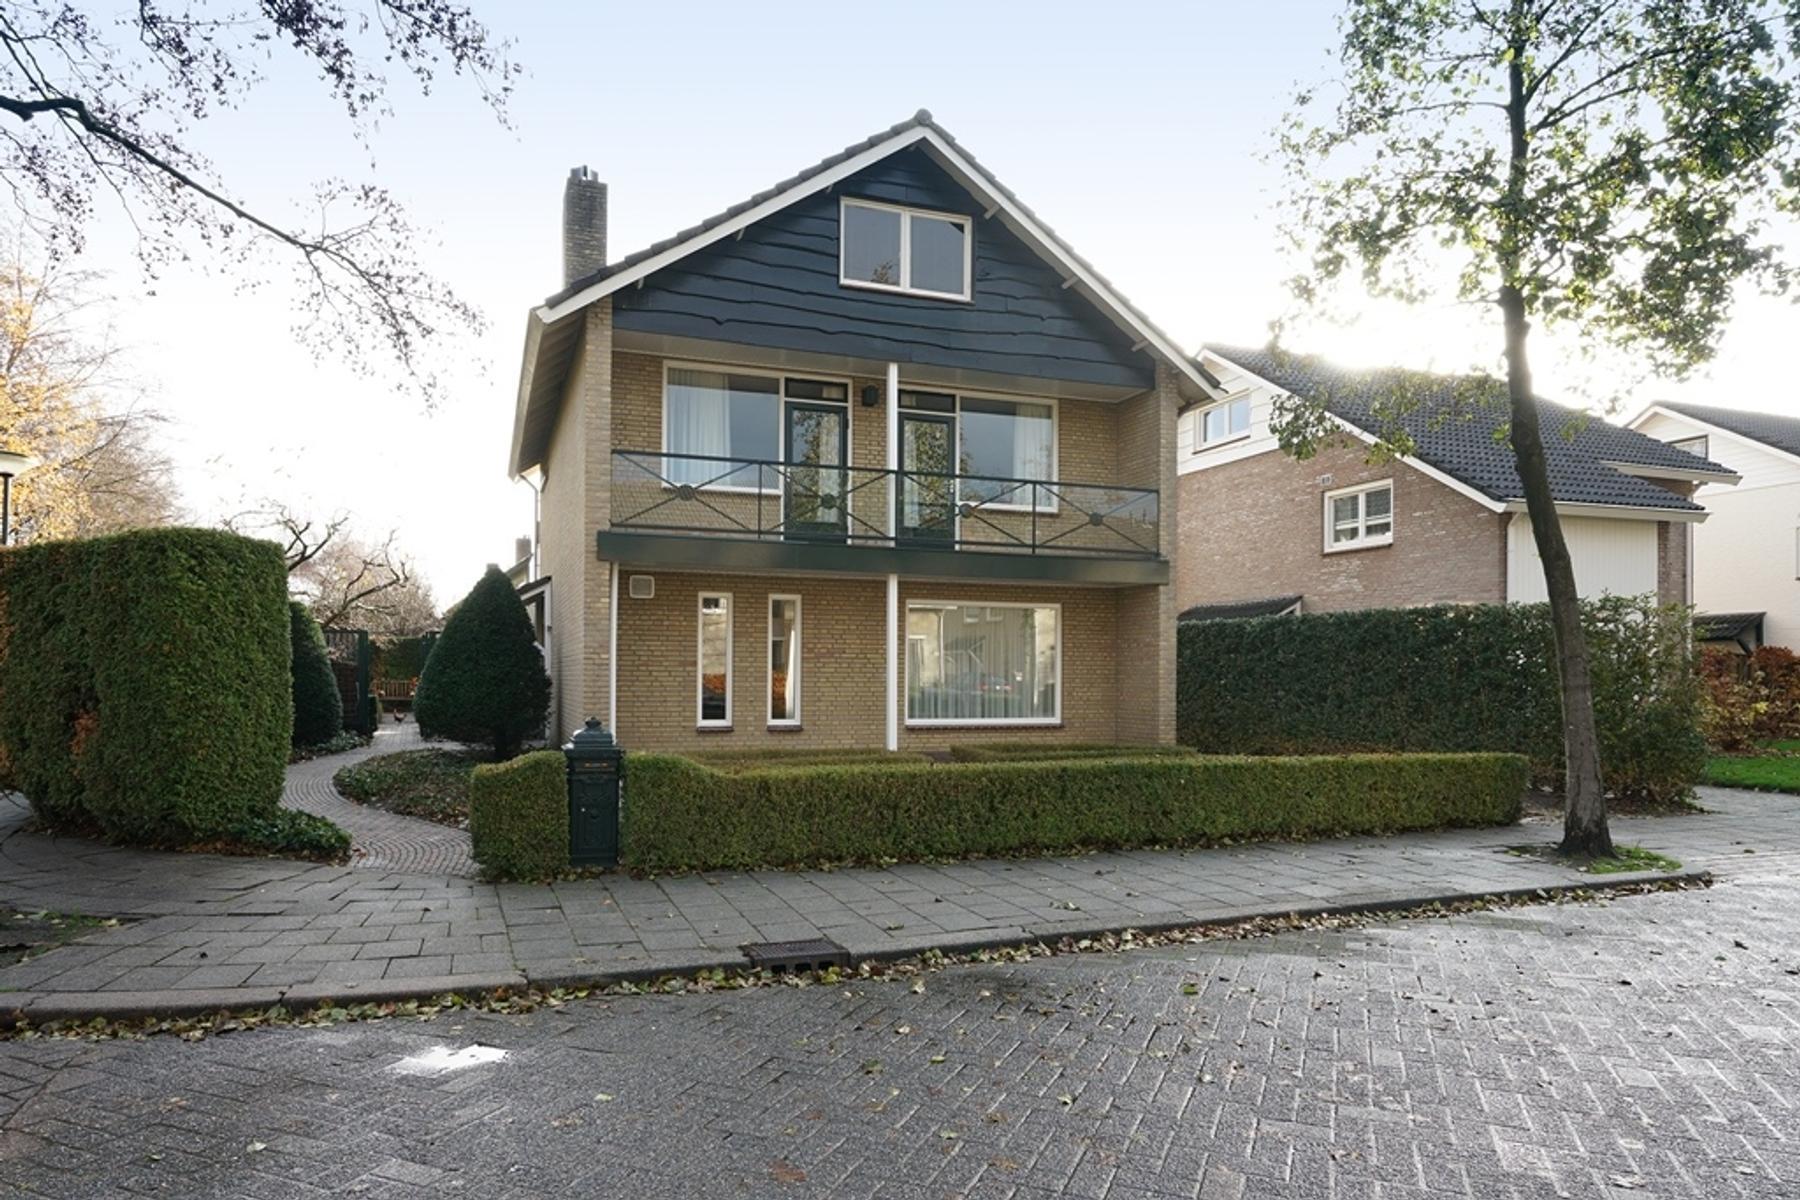 Schout Van Engelenstraat 6 in Oisterwijk 5062 AS